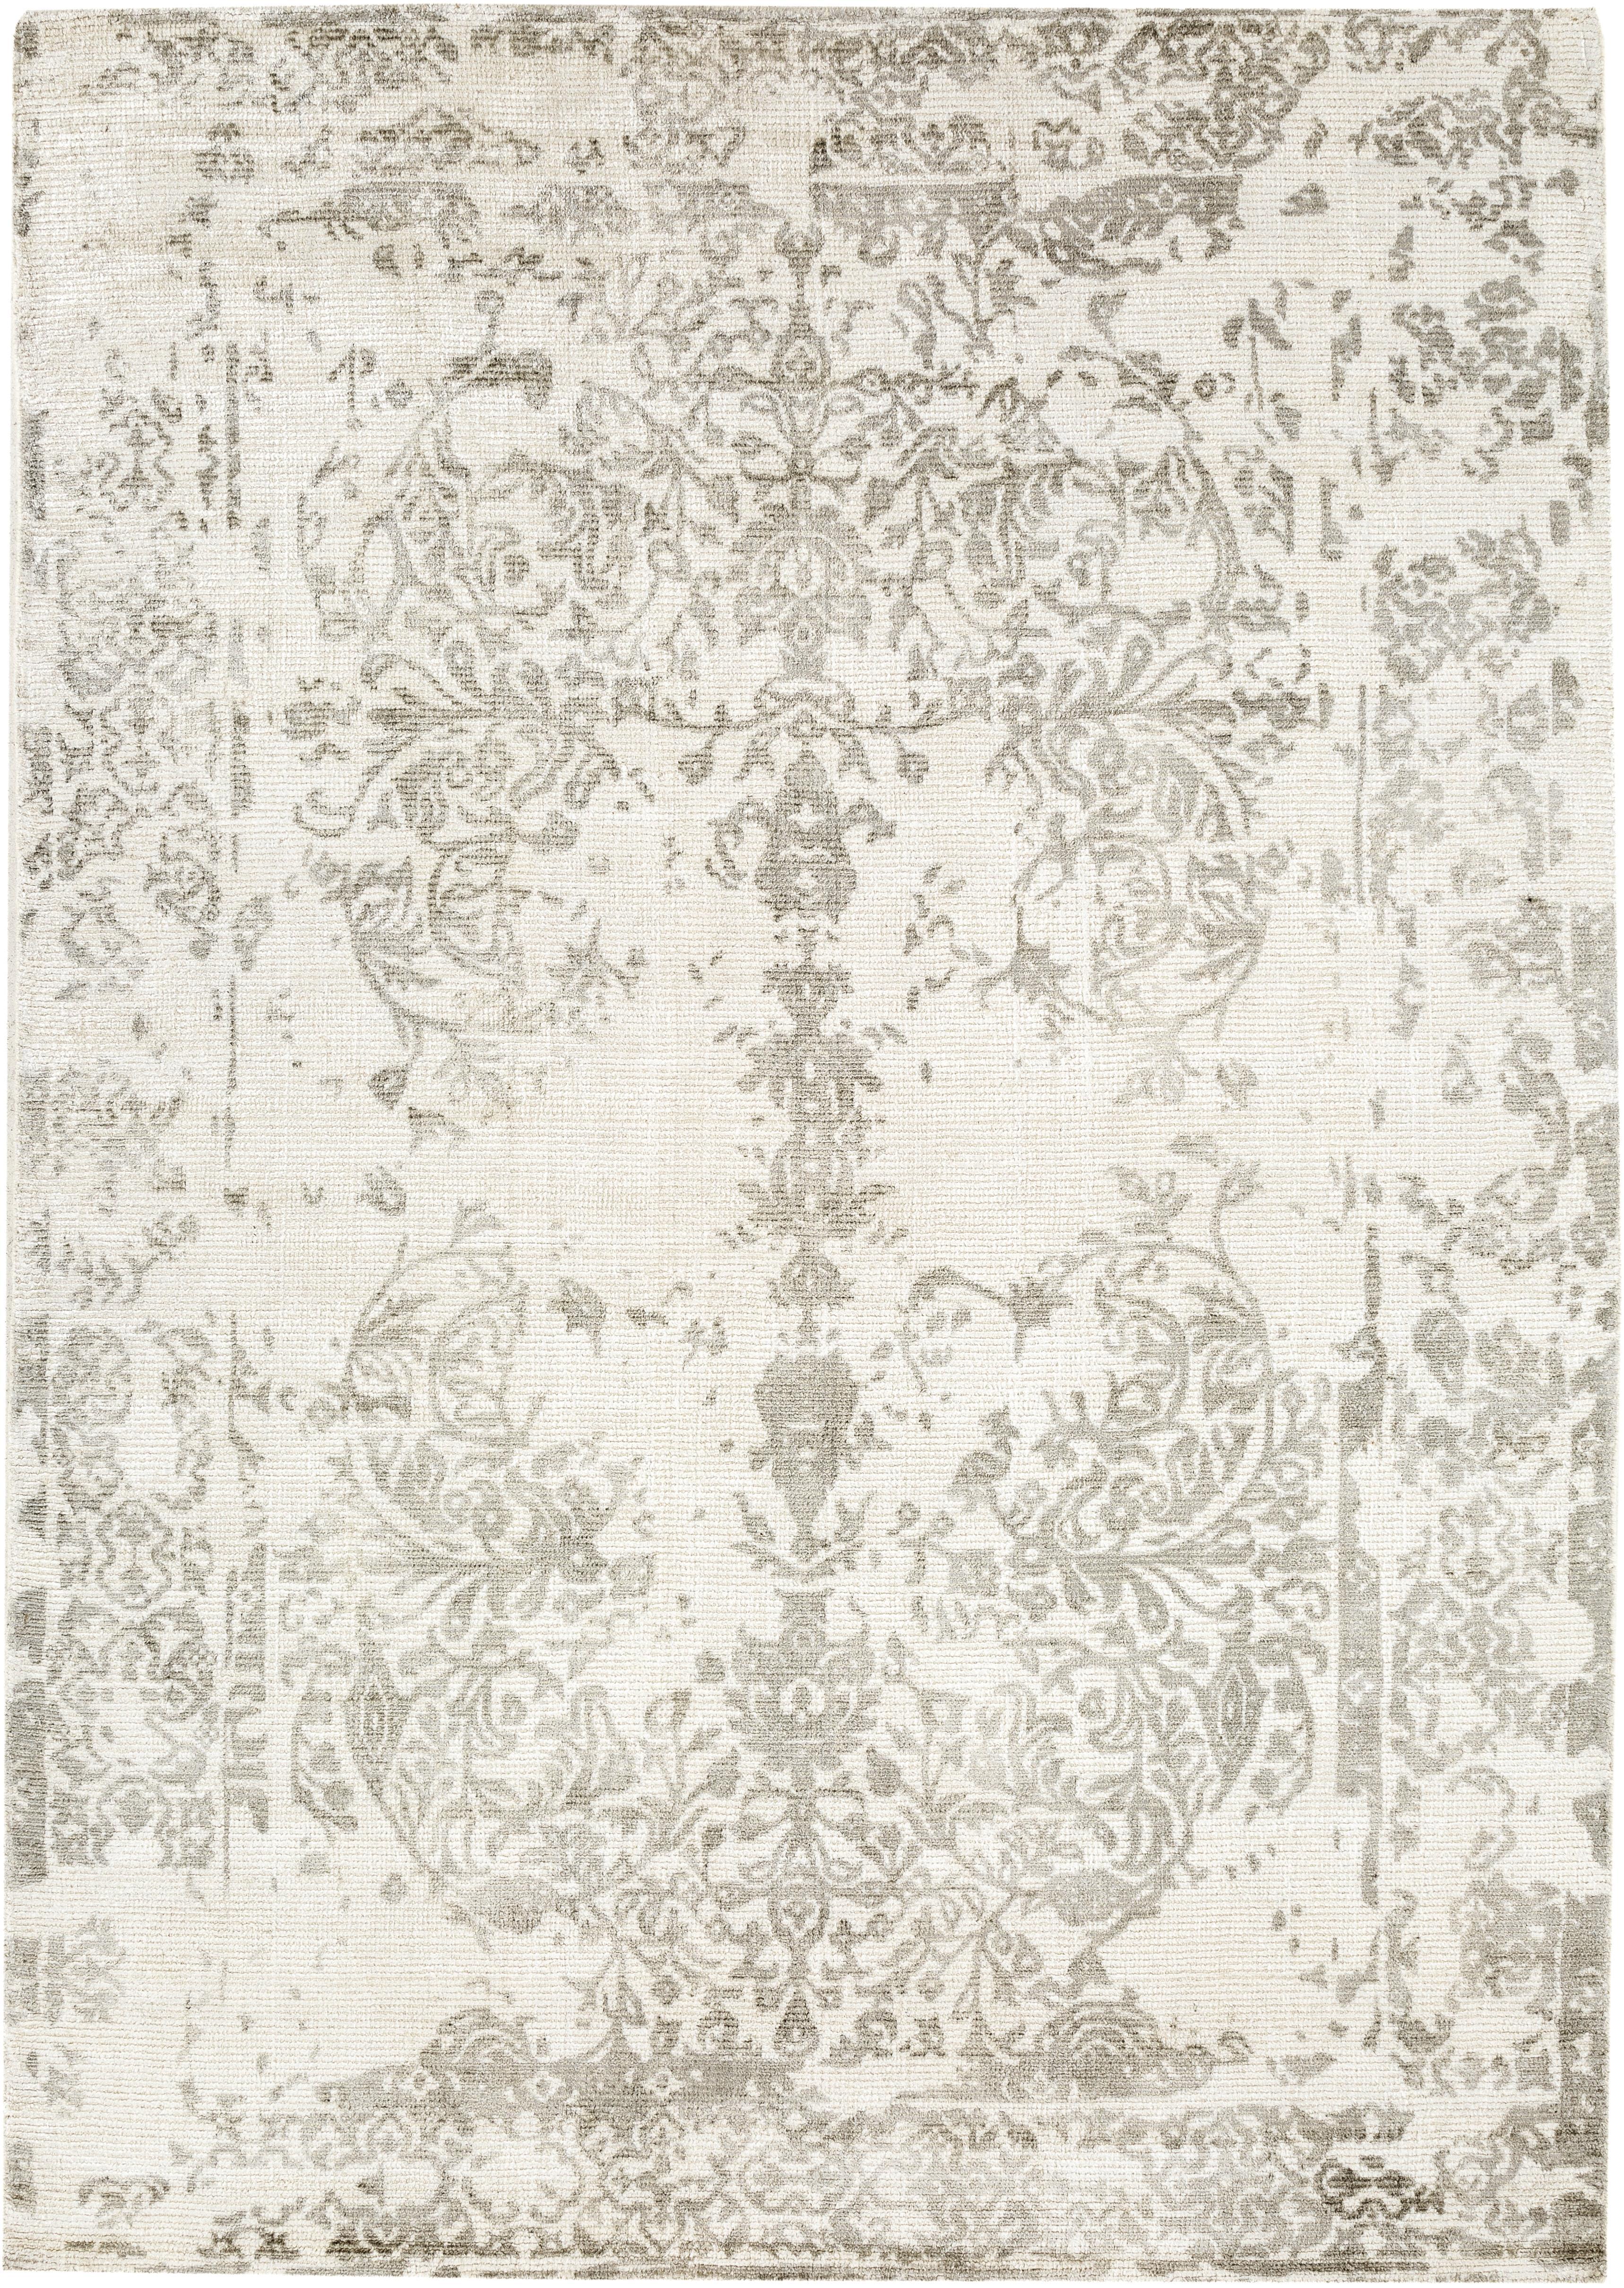 Vintage Teppich Florentine, Wolle/Viskose, Beige, Hellgrau, B 140 x L 200 cm (Grösse S)